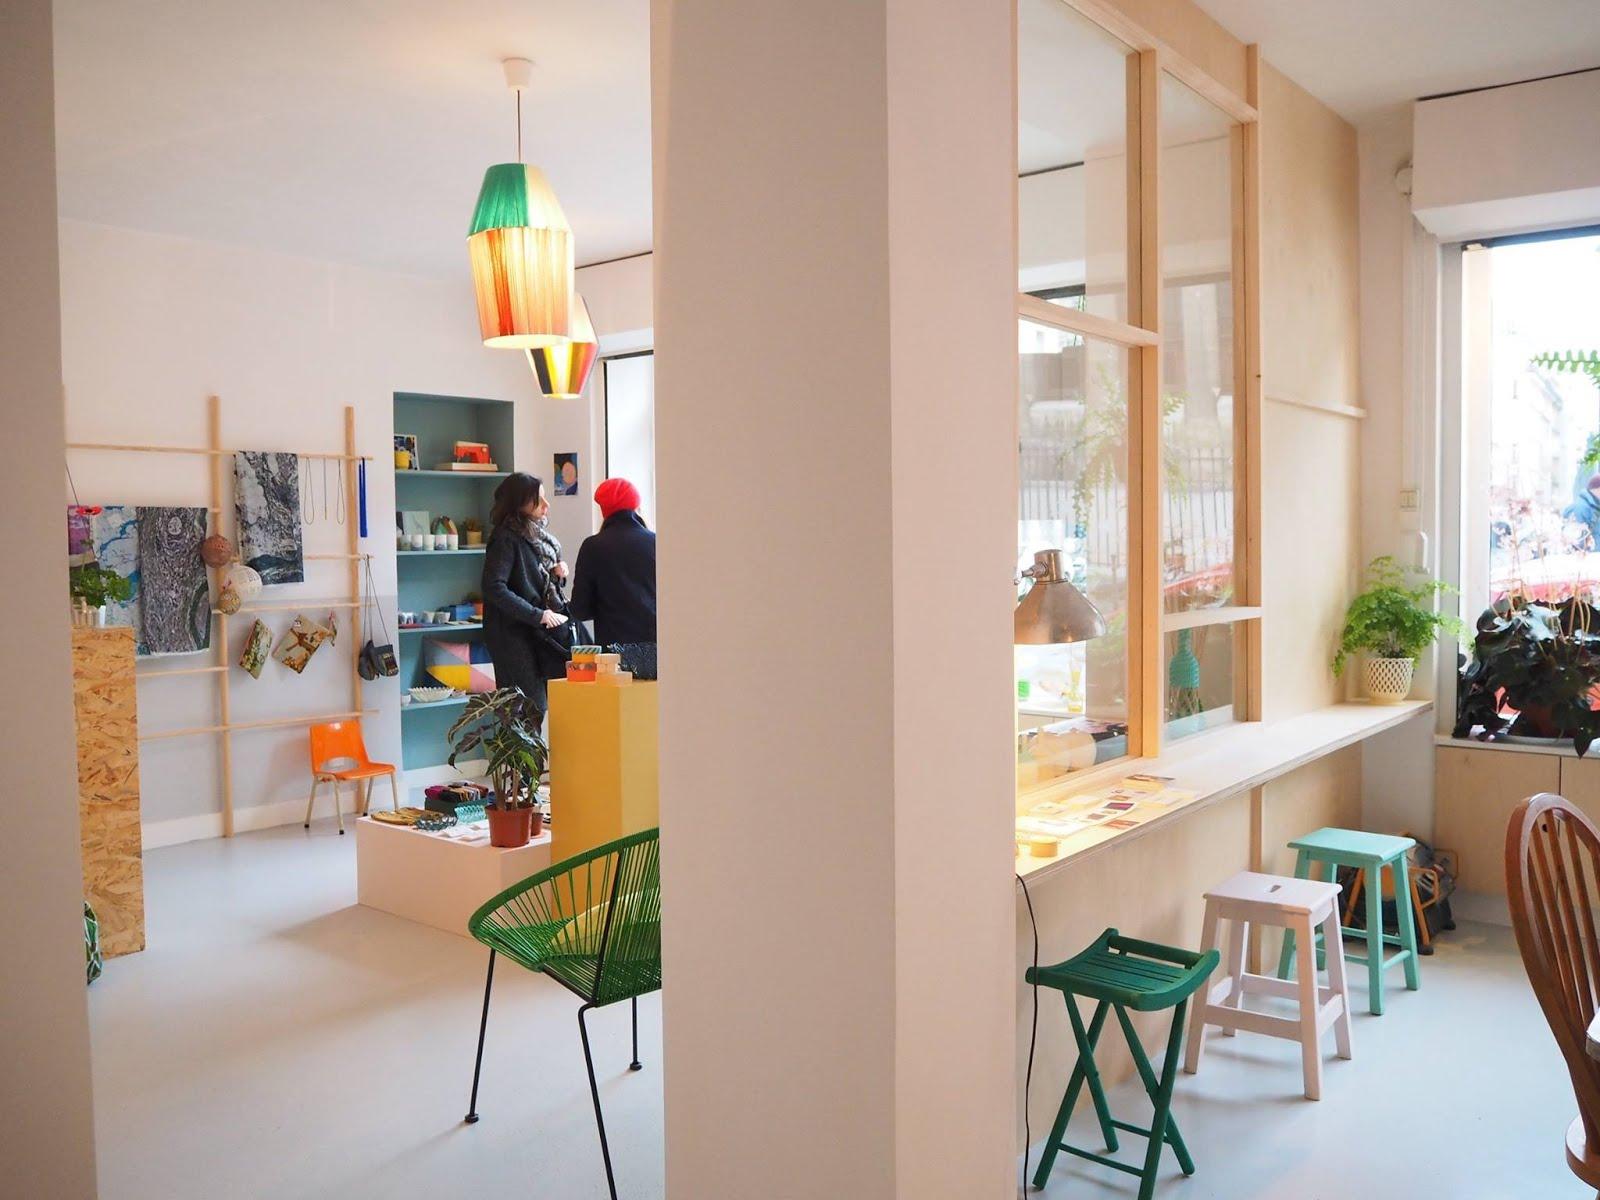 klindoeil la boutique galerie klin d 39 oeil est ouverte. Black Bedroom Furniture Sets. Home Design Ideas